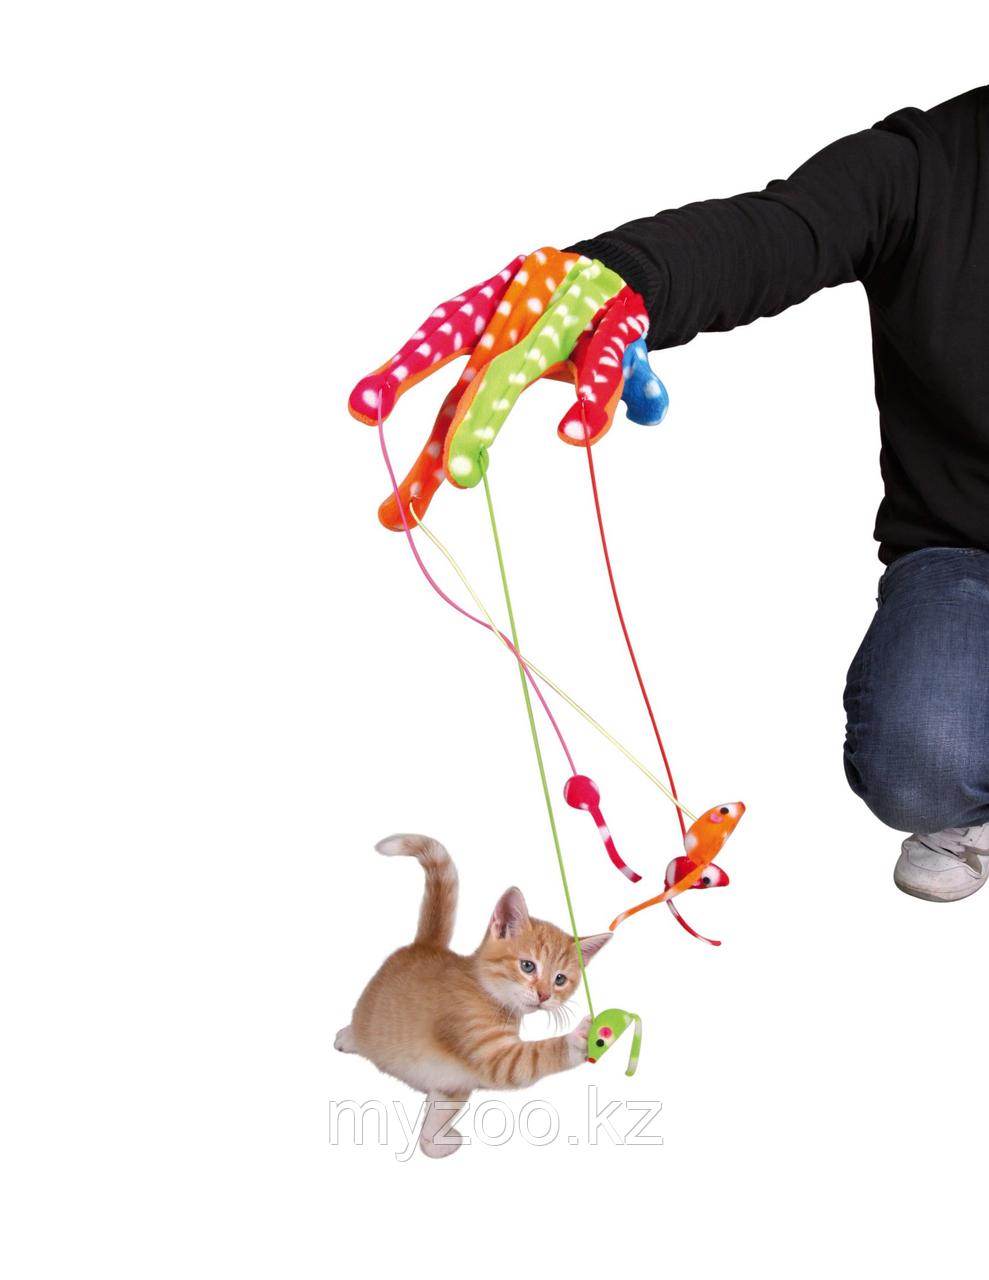 Перчатки из канвы для игры с кошкой